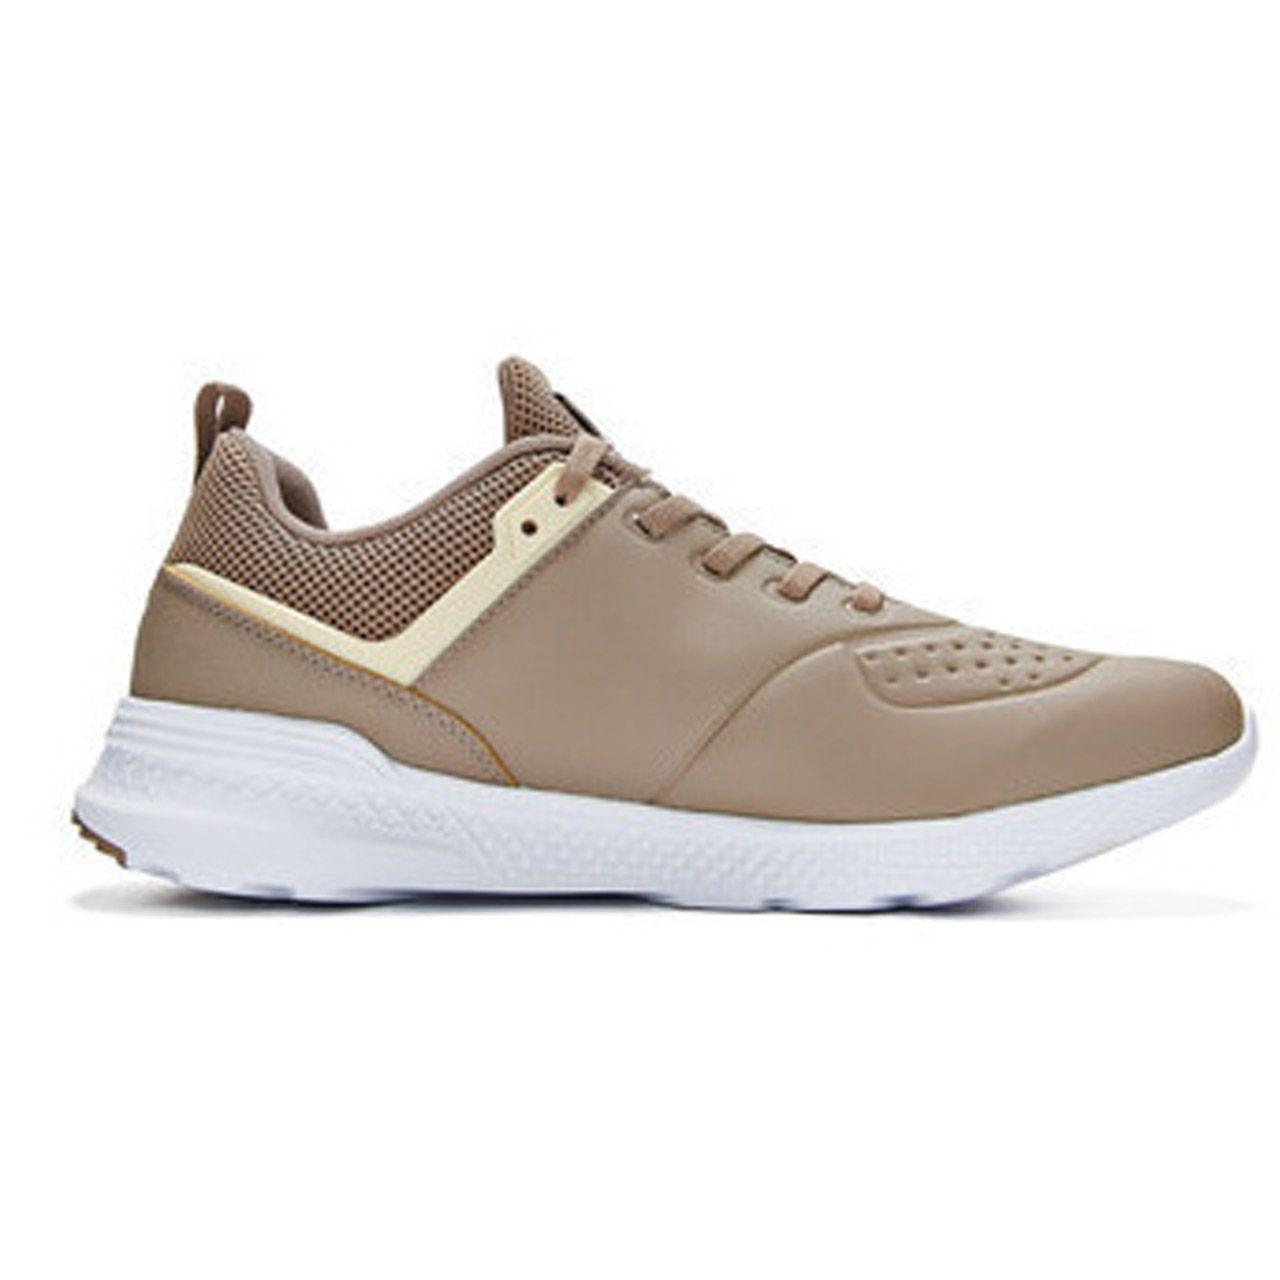 کفش مخصوص پیاده روی مردانه 361 درجه مدل W571842239-7 -  - 3